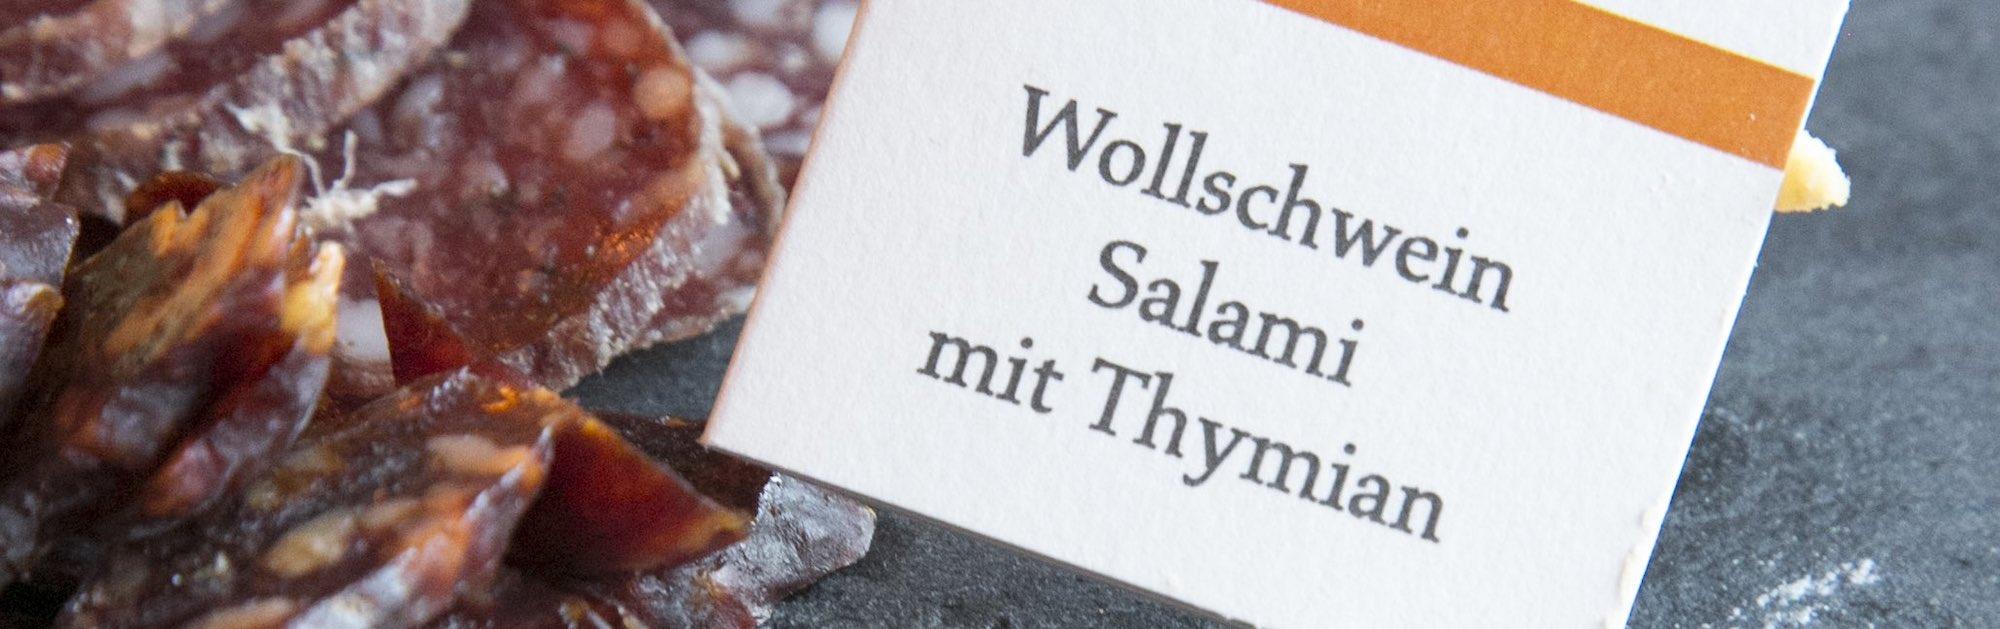 Wollschweinsalami im Restaurant Vrenelis Gärtli im Schlüssel Luzern